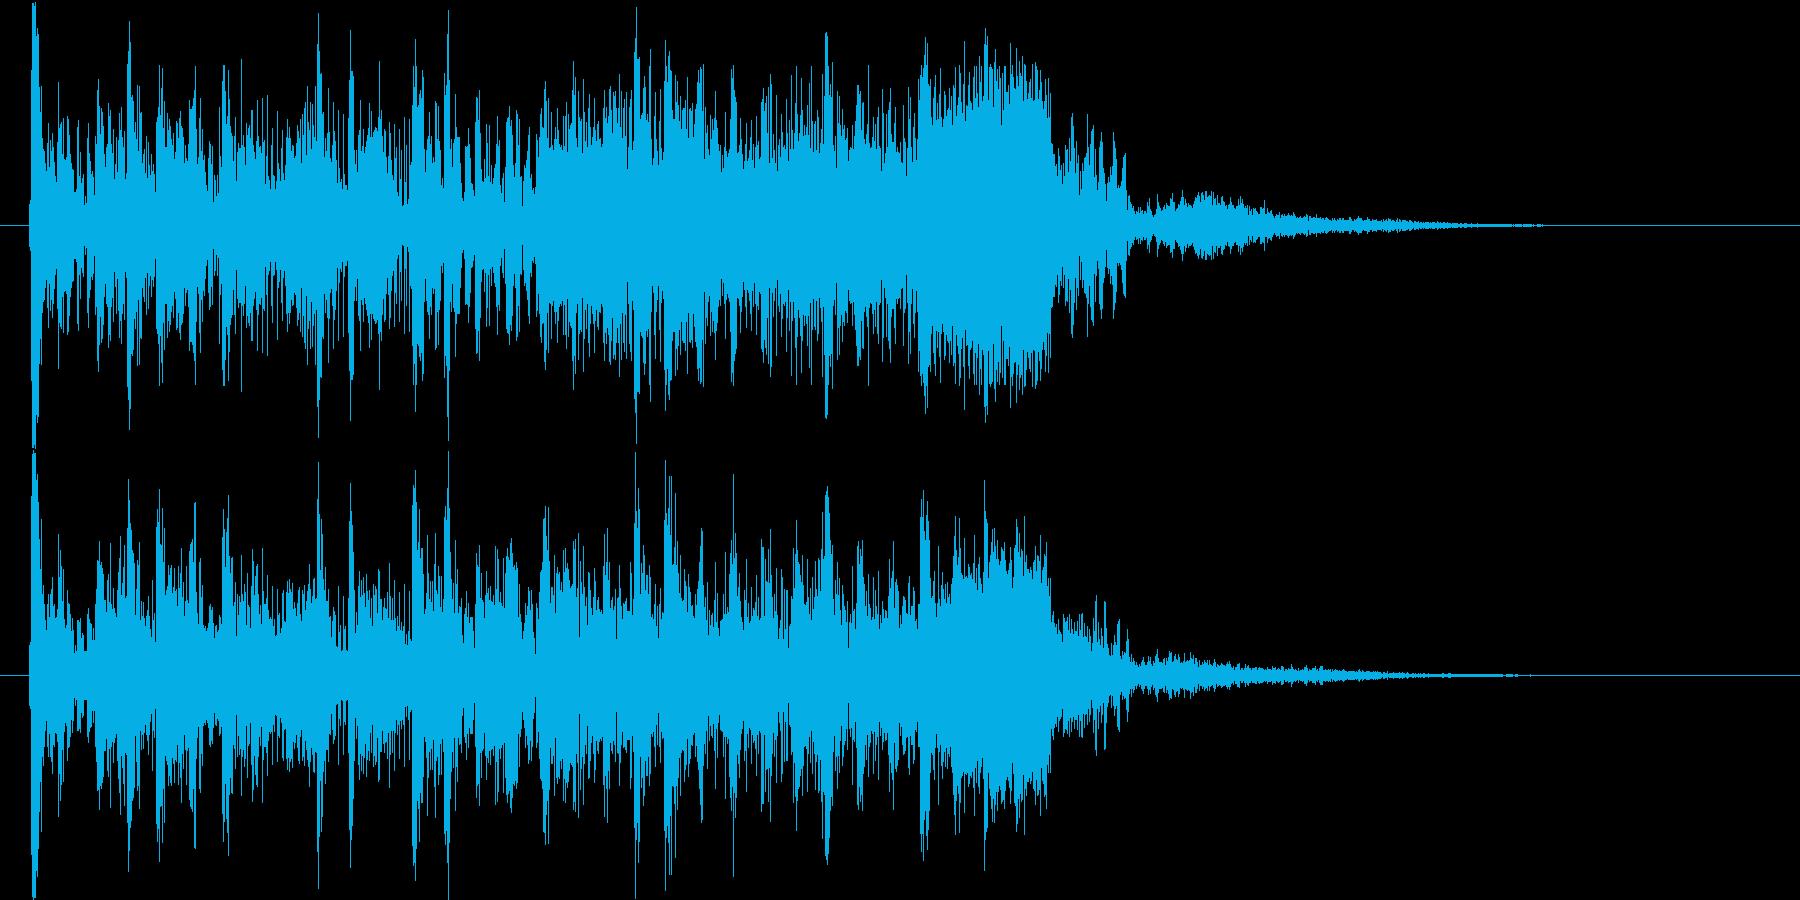 スピード&パワフルな未来的デジタルロゴの再生済みの波形